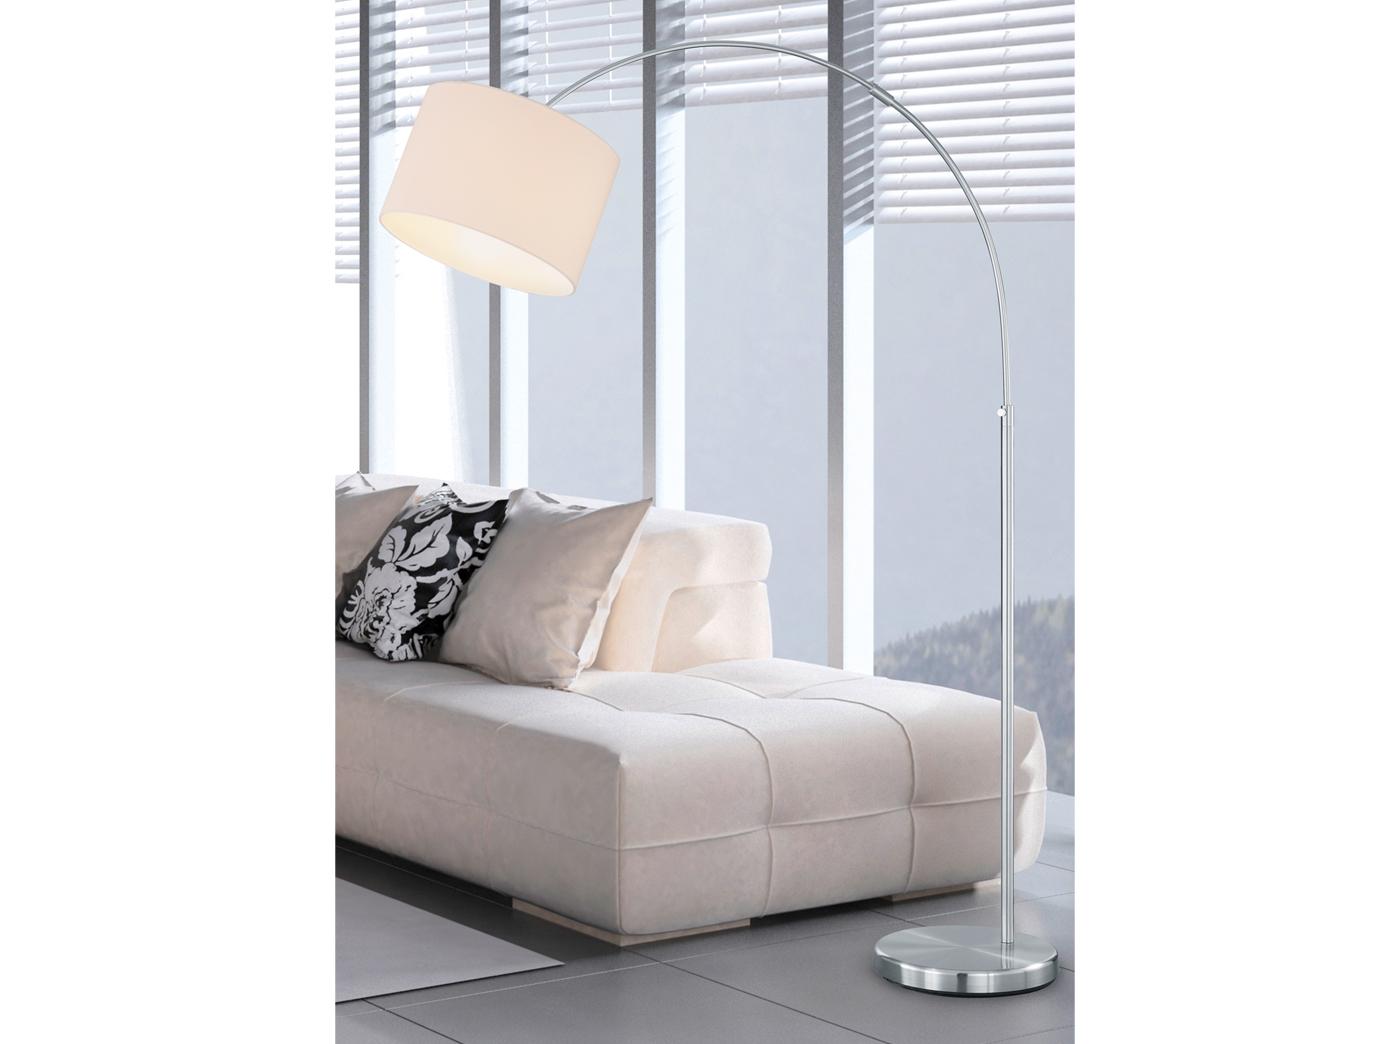 Design Led Bogenlampe Mit Stoffschirm Weiss Hohenverstellbar Stehlampe Wohnzimmer Kaufen Bei Setpoint Deutschland Gmbh